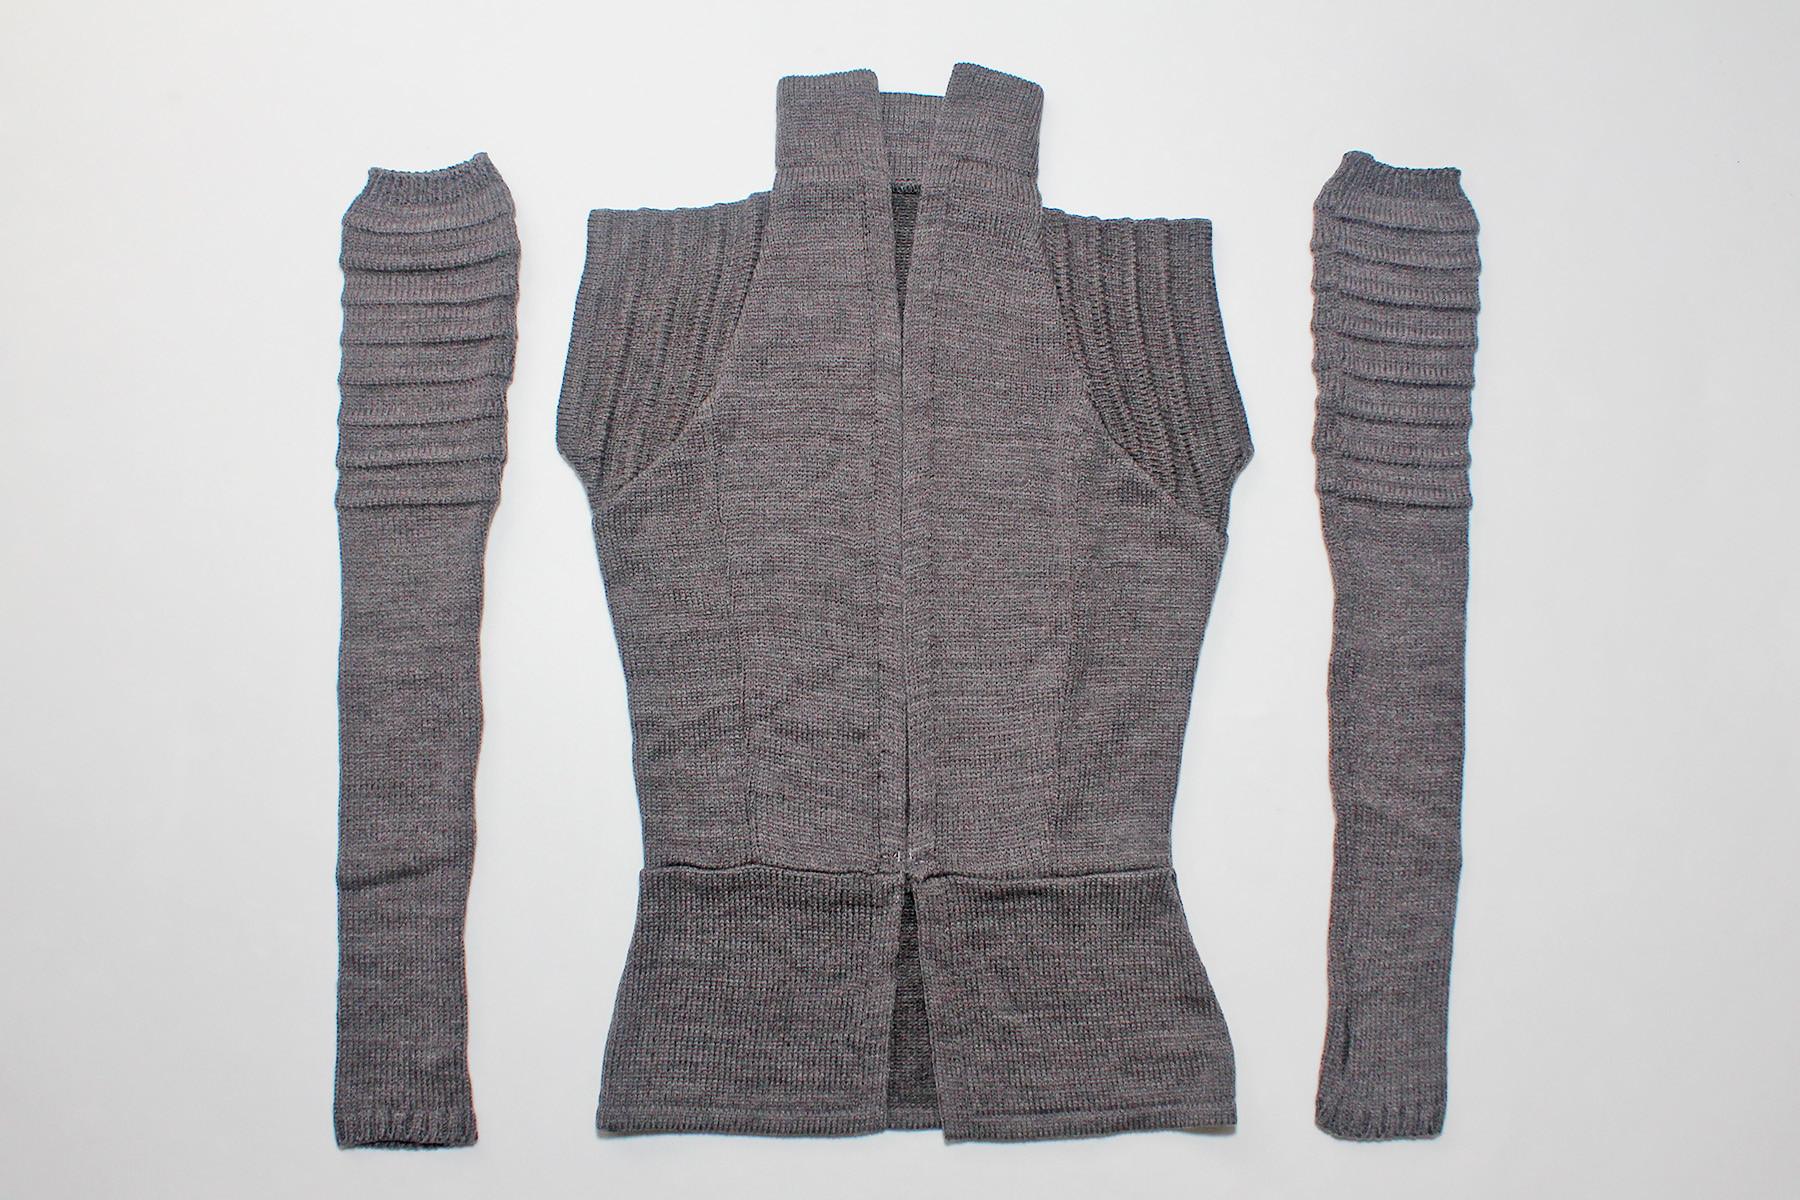 Arm Knitting Vest : Review elhoffer design knitted rey vest the kessel runway